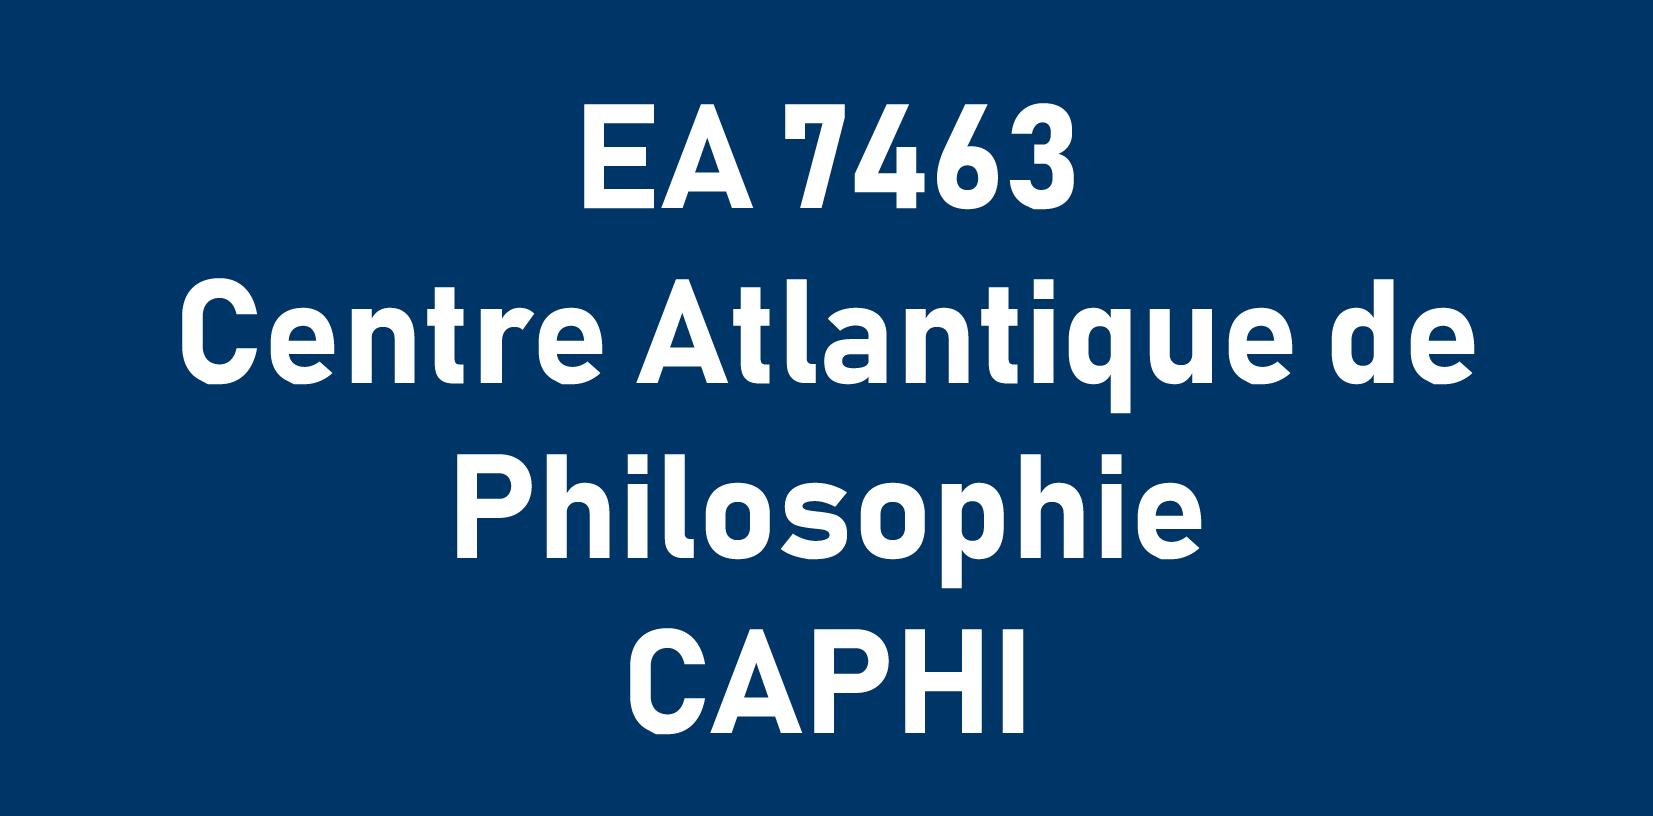 EA 7463 Centre Atlantique de Philosophie CAPHI